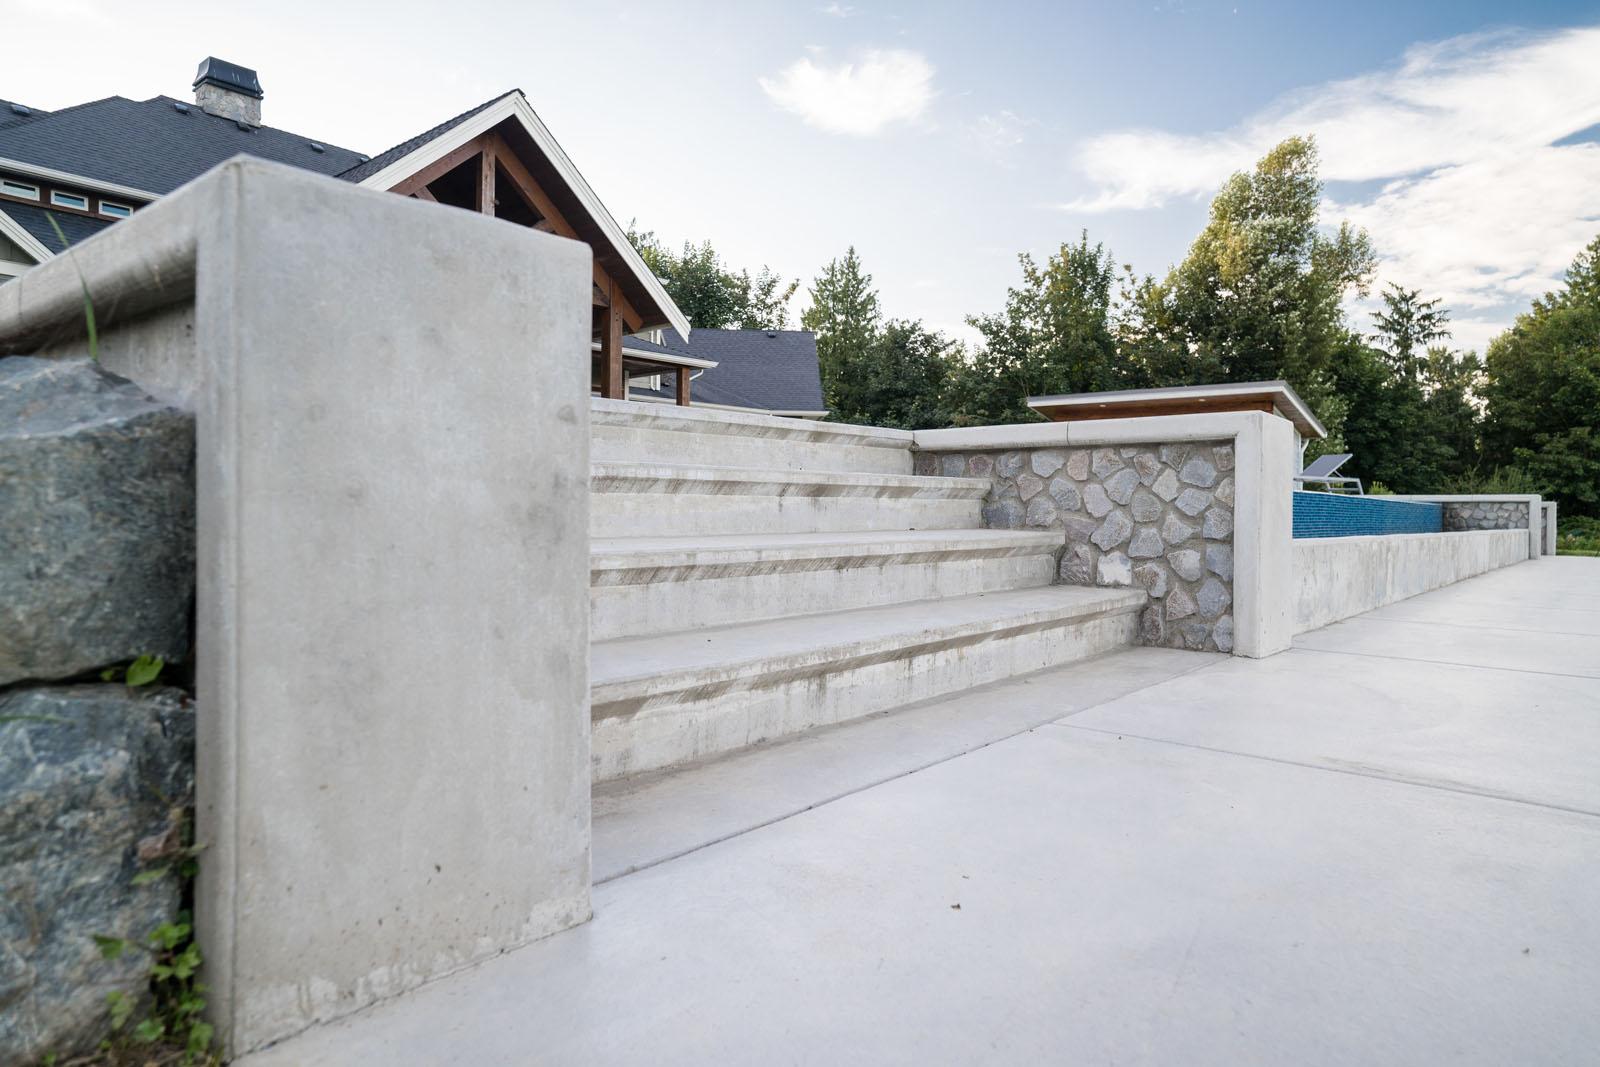 azuro-concrete-work-REI008